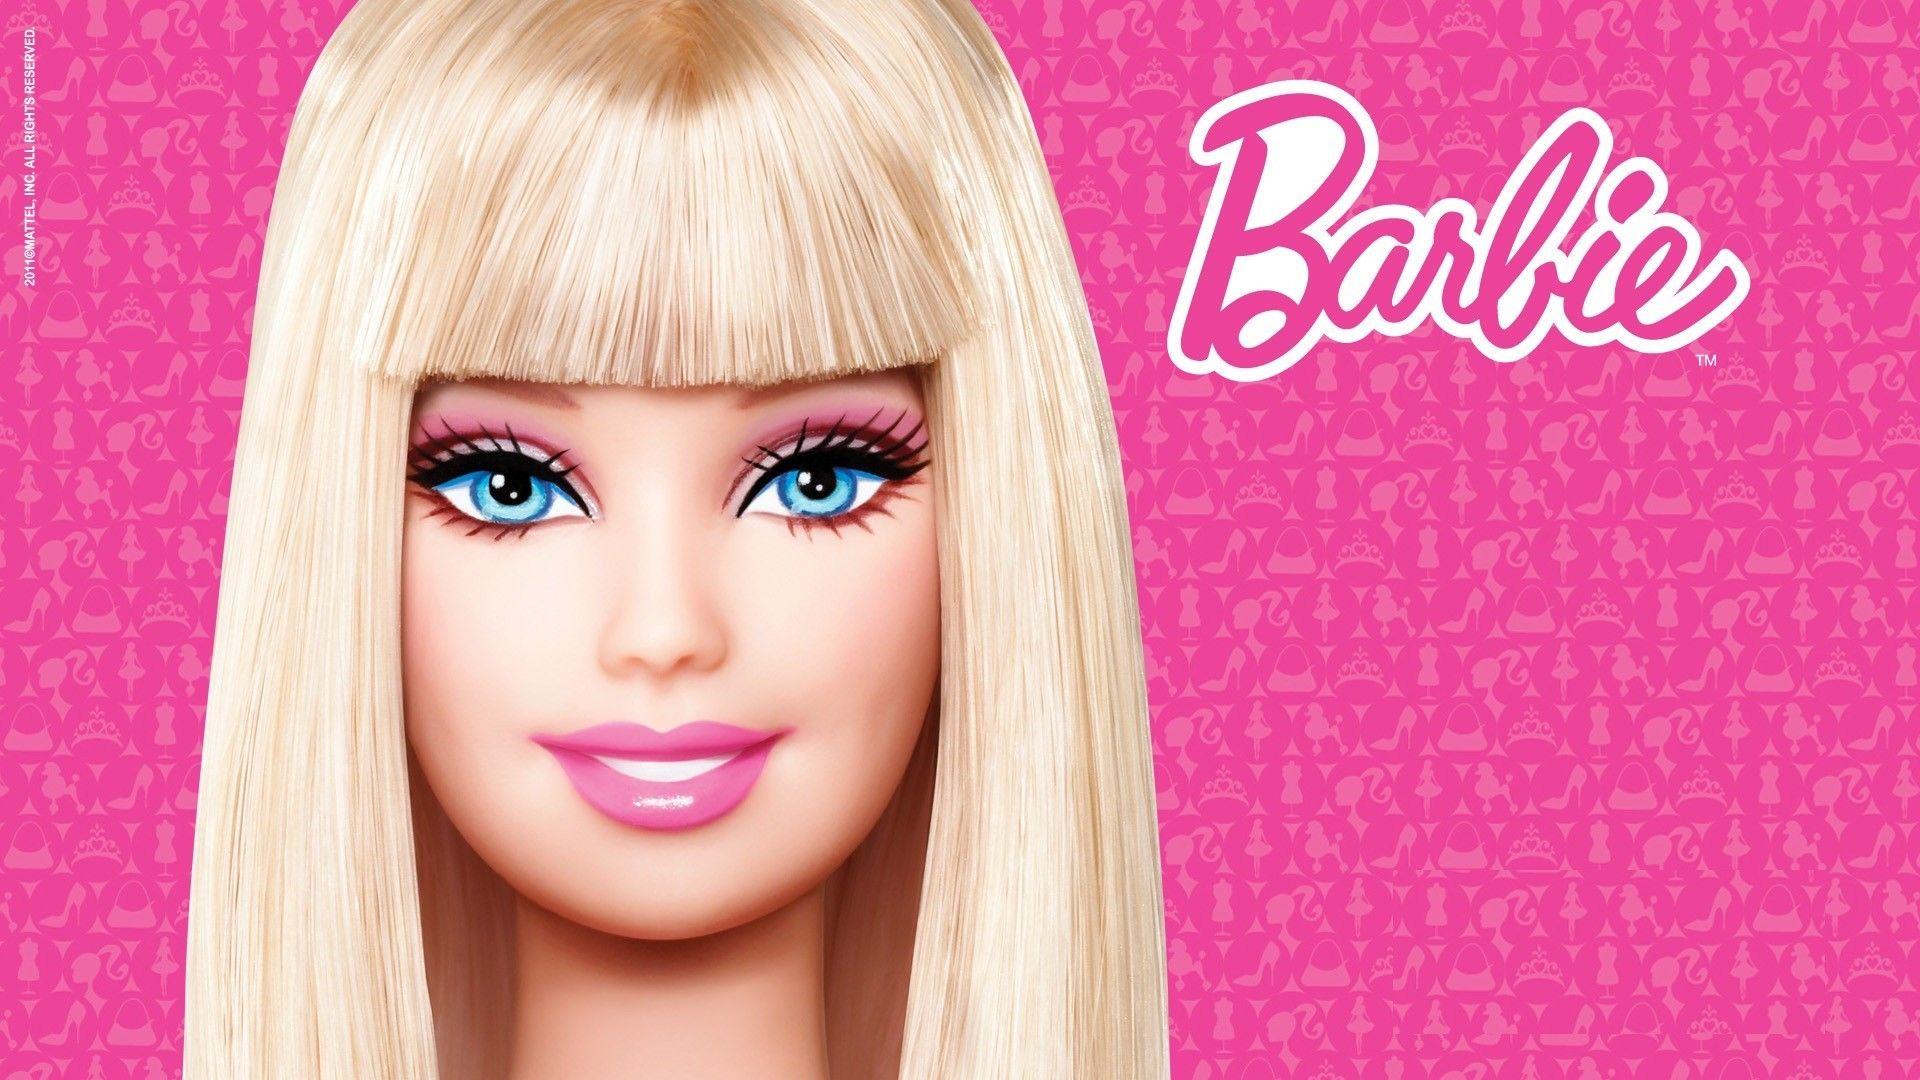 1920x1080 Barbie Wallpapers For Mac Desktop Barbie Images Barbie Barbie Movies